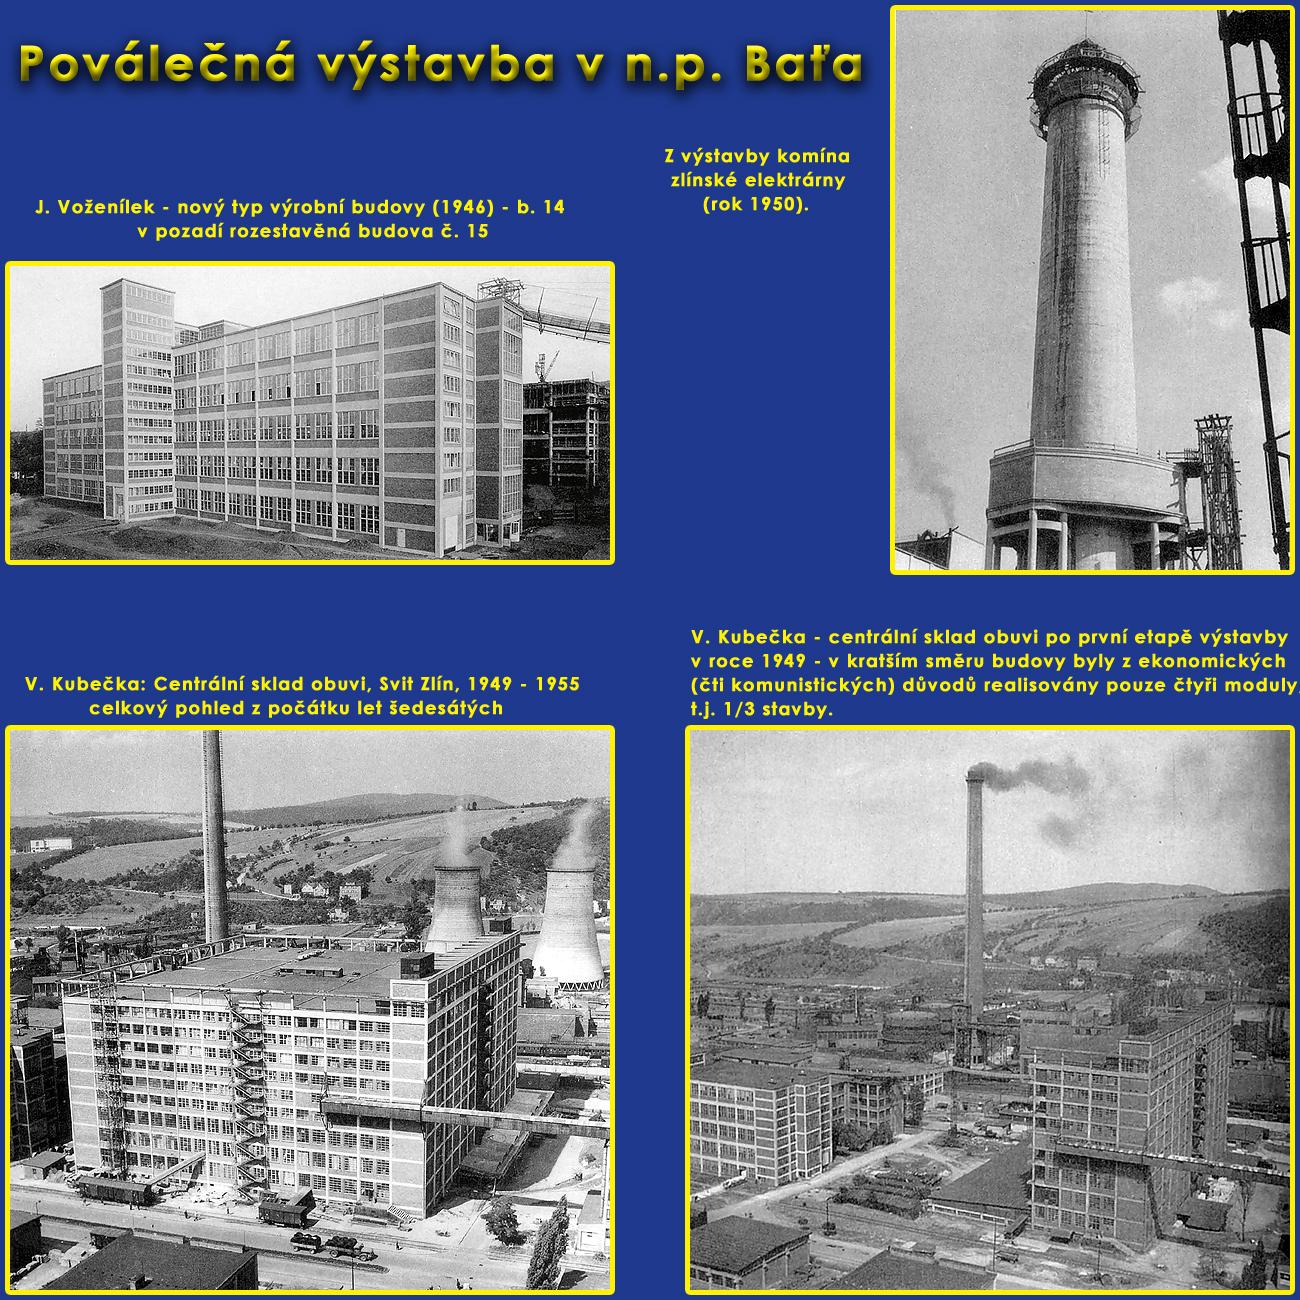 Poválečná výstavba v areálu